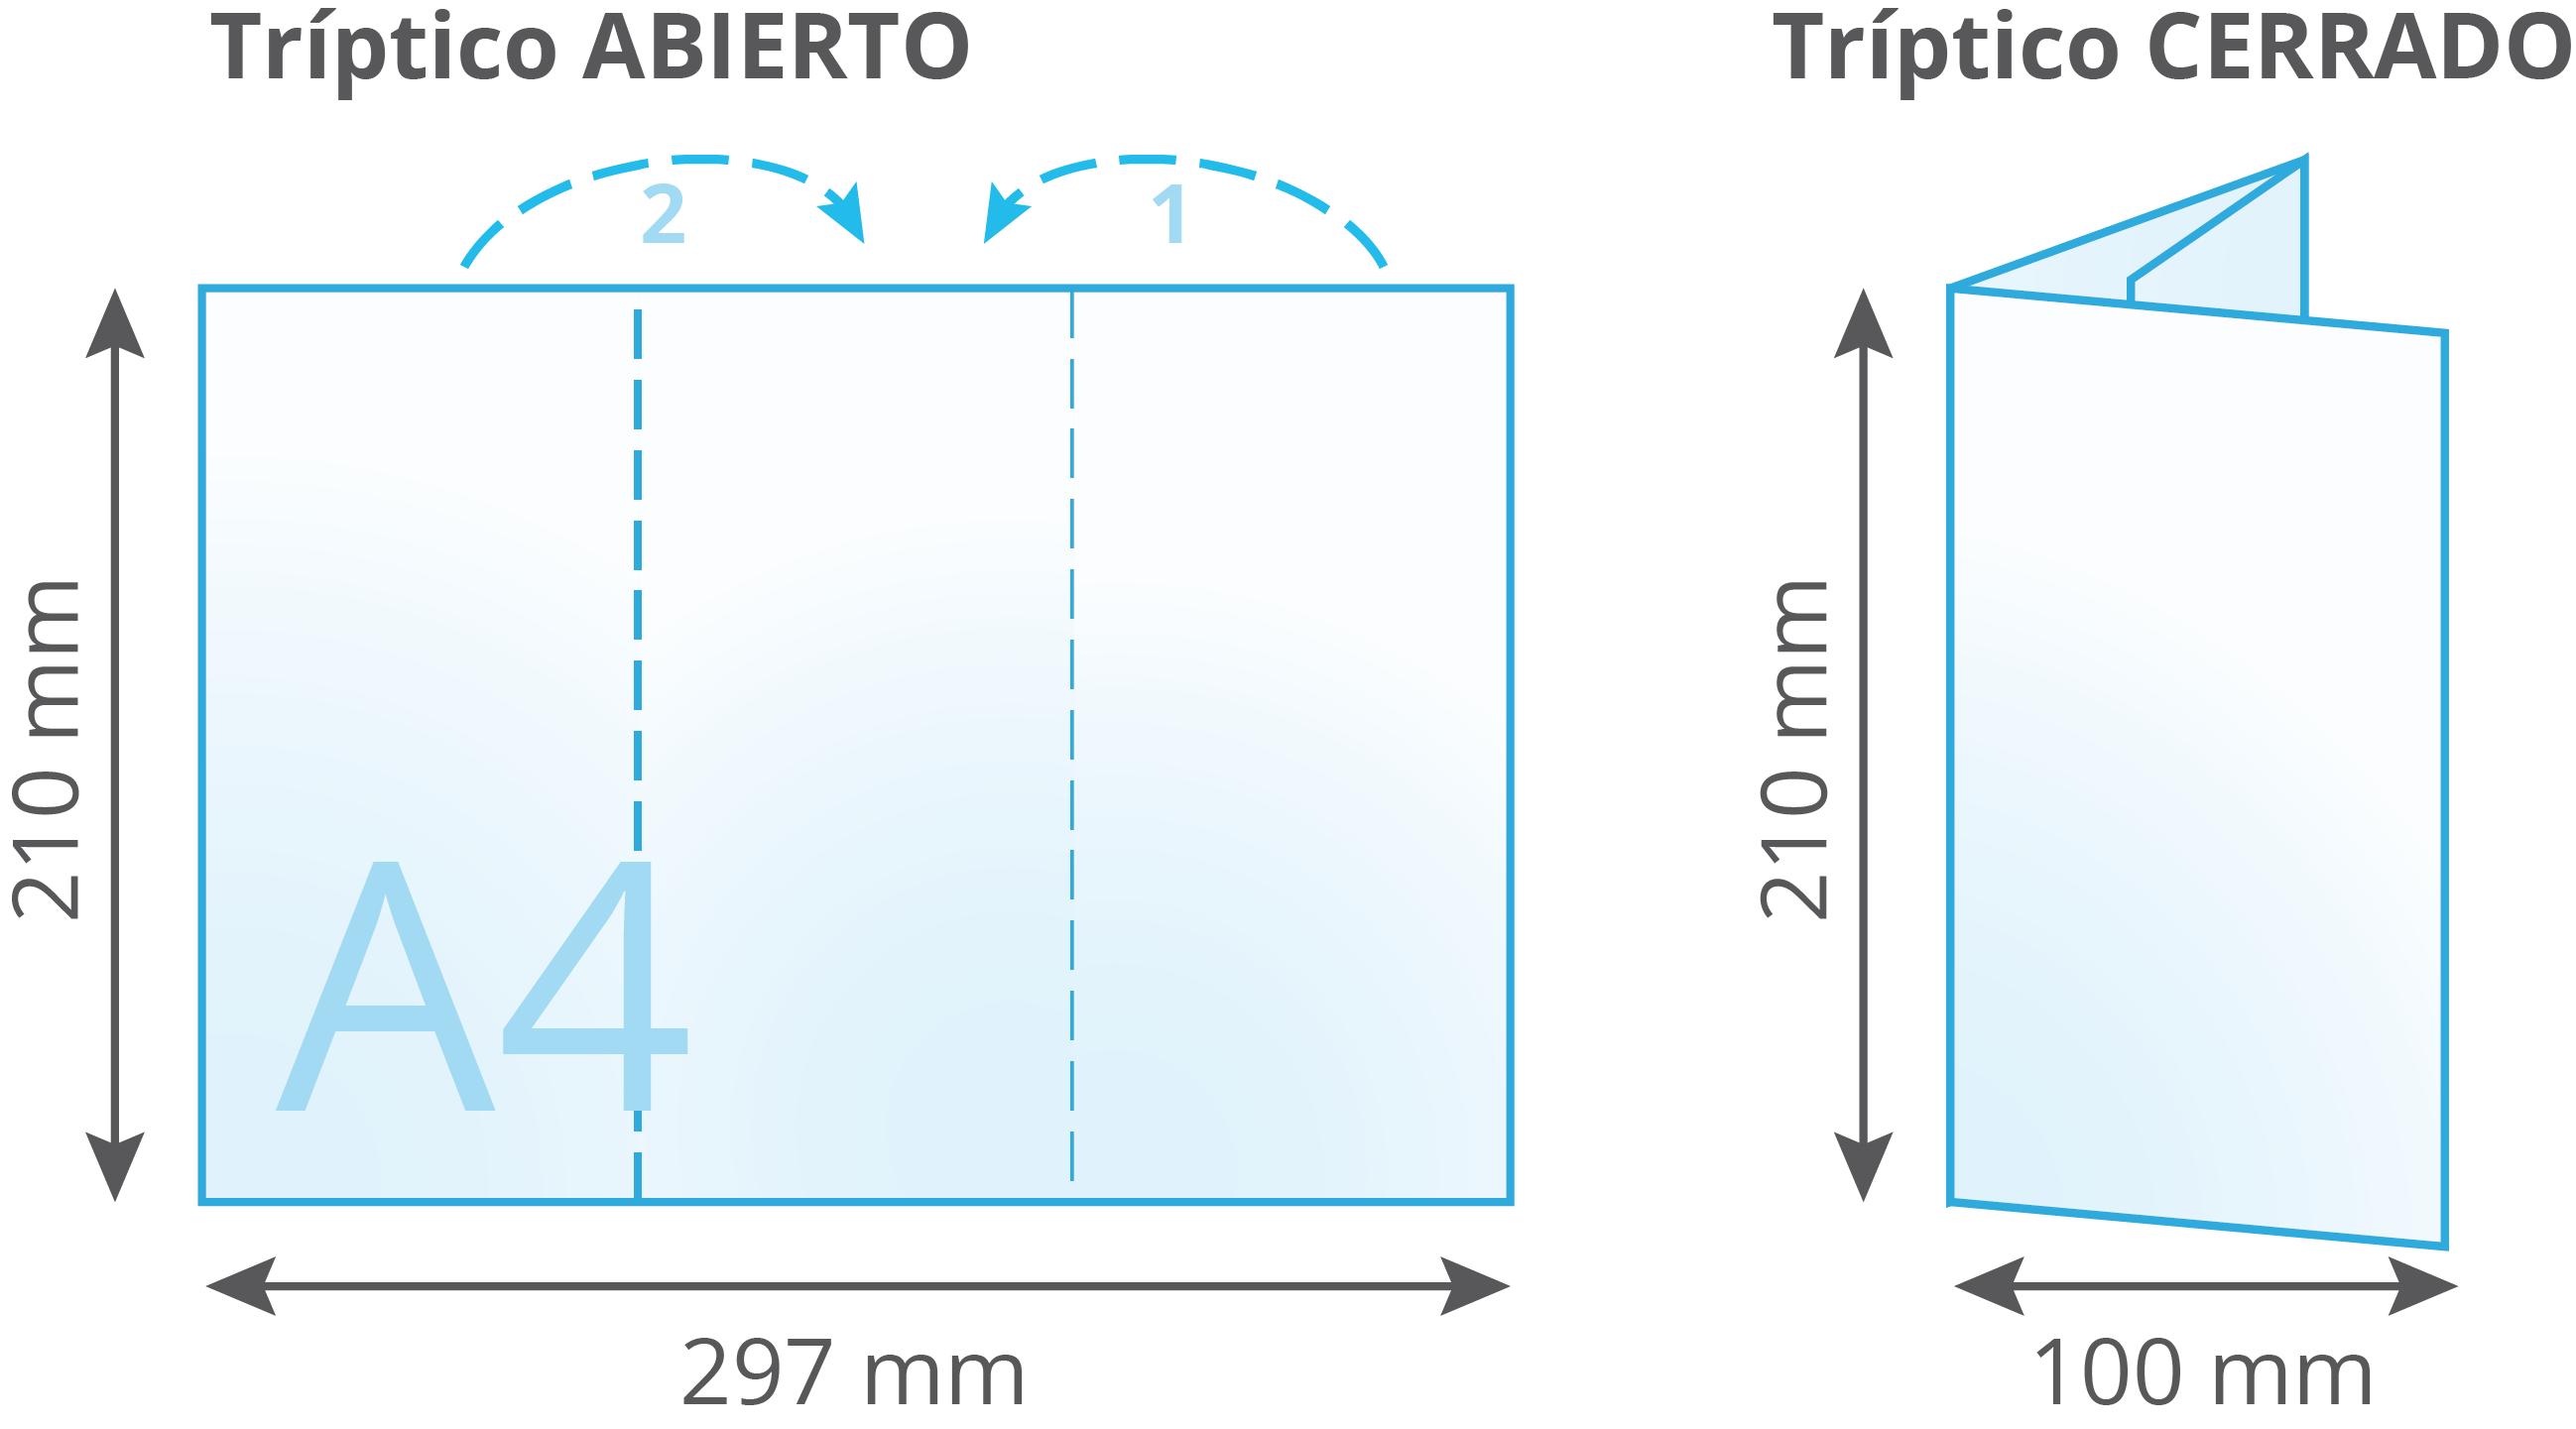 esquema y medidas tríptico A4